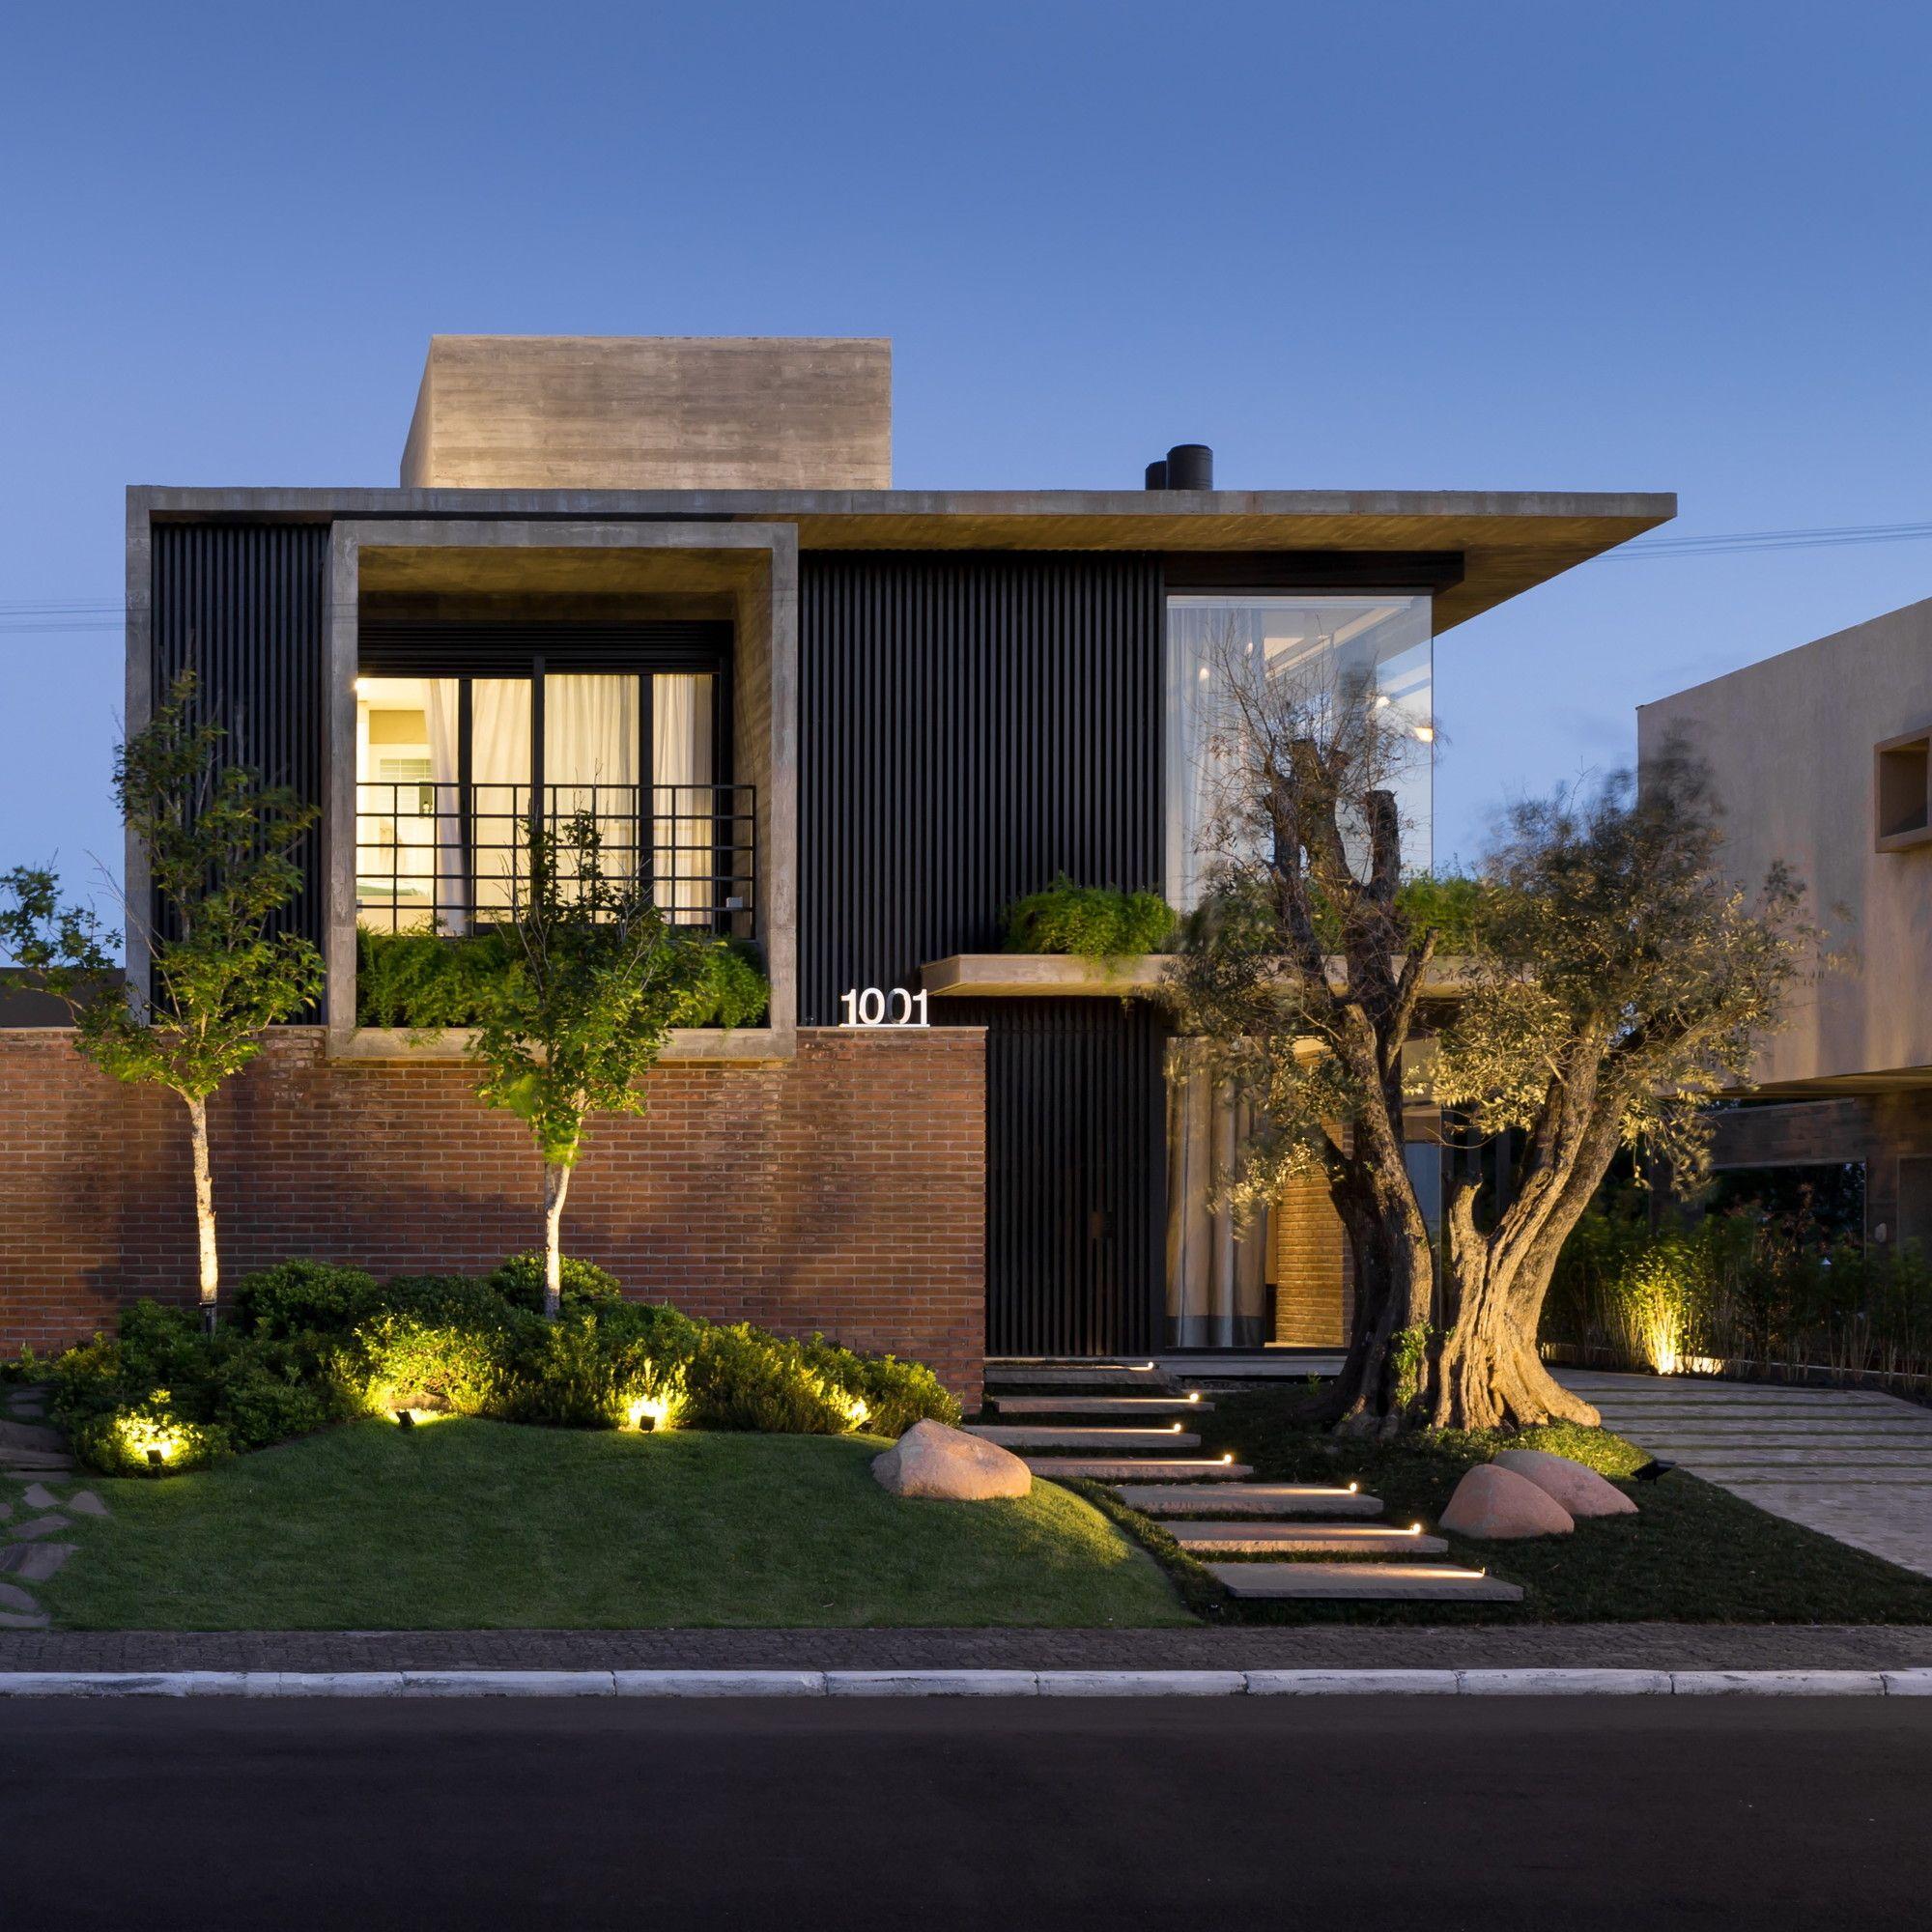 Galeria De Casa Weber Ramella Arquitetura 10 Facade House Modern House Facades Modern Architecture House